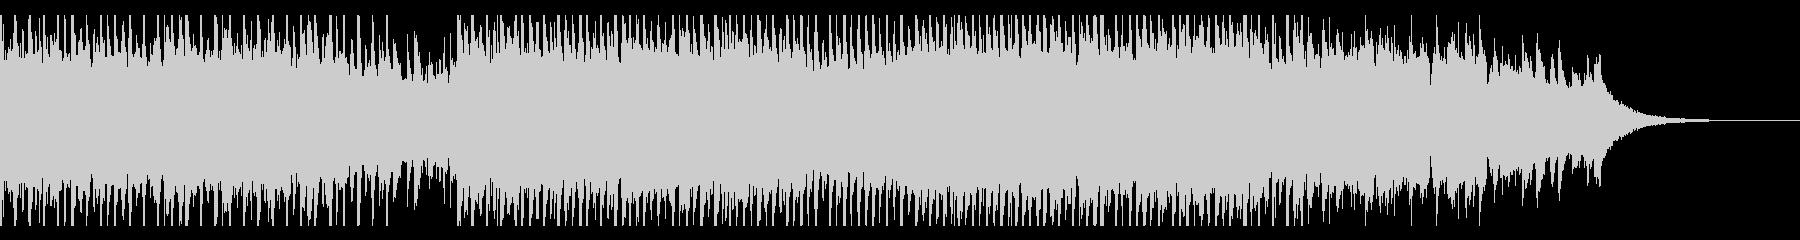 成功した建設(60秒)の未再生の波形